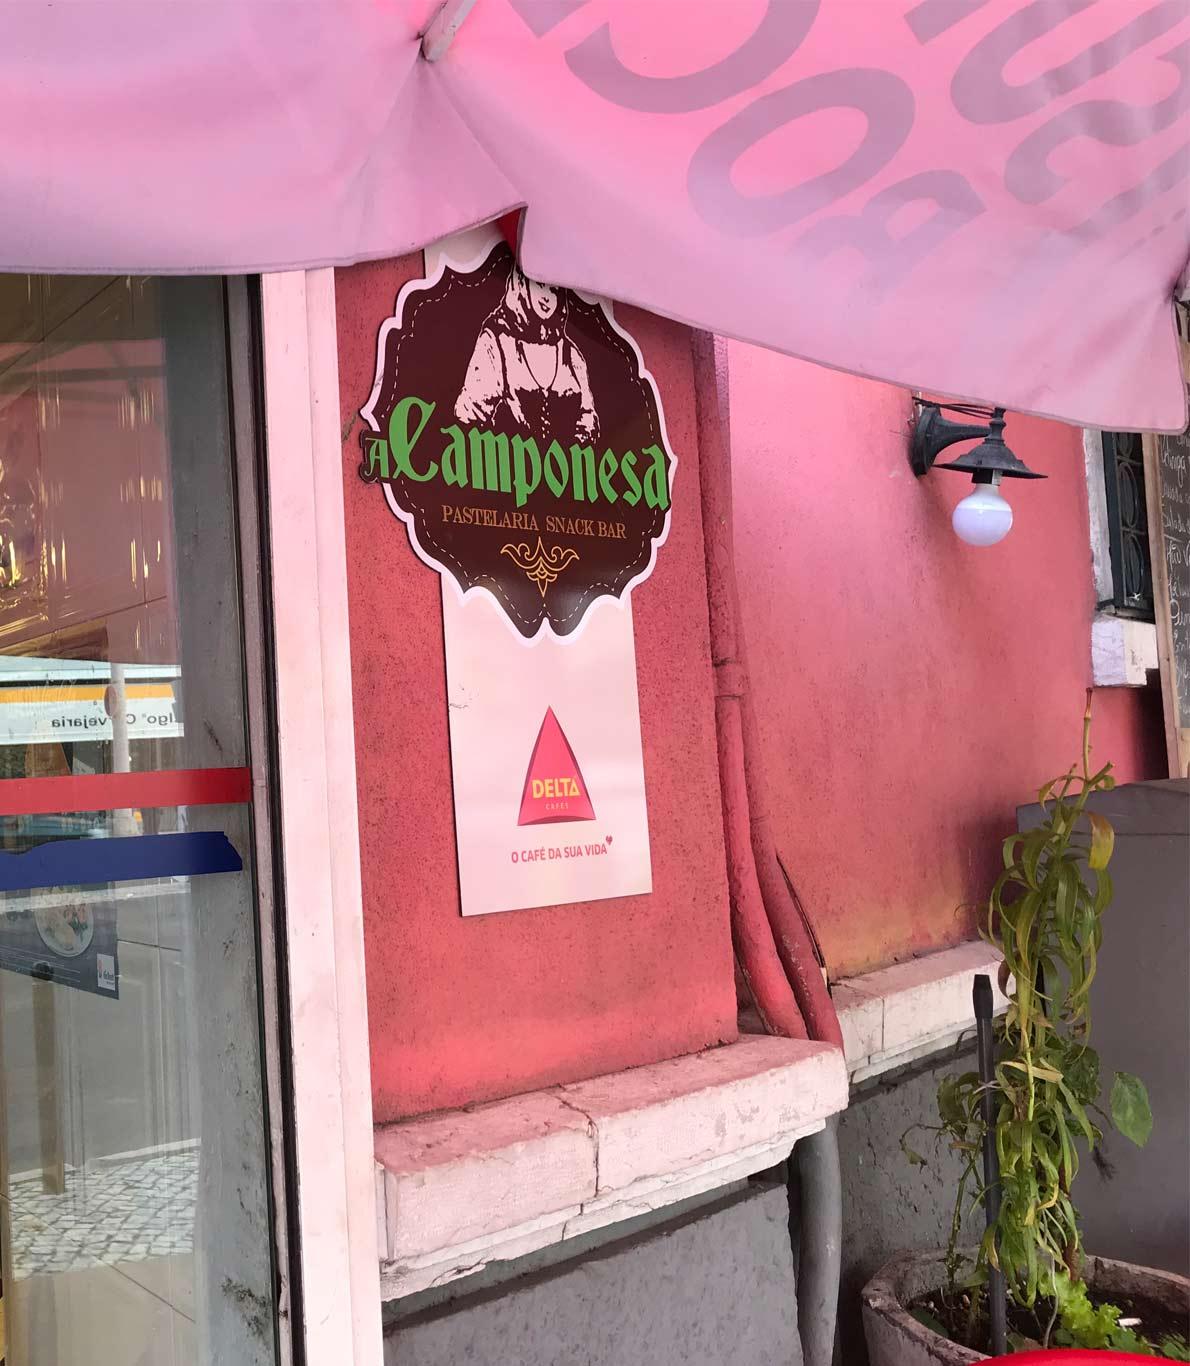 A Camponesa está aberto das 5:30 às 23:00 de segunda a sábado.